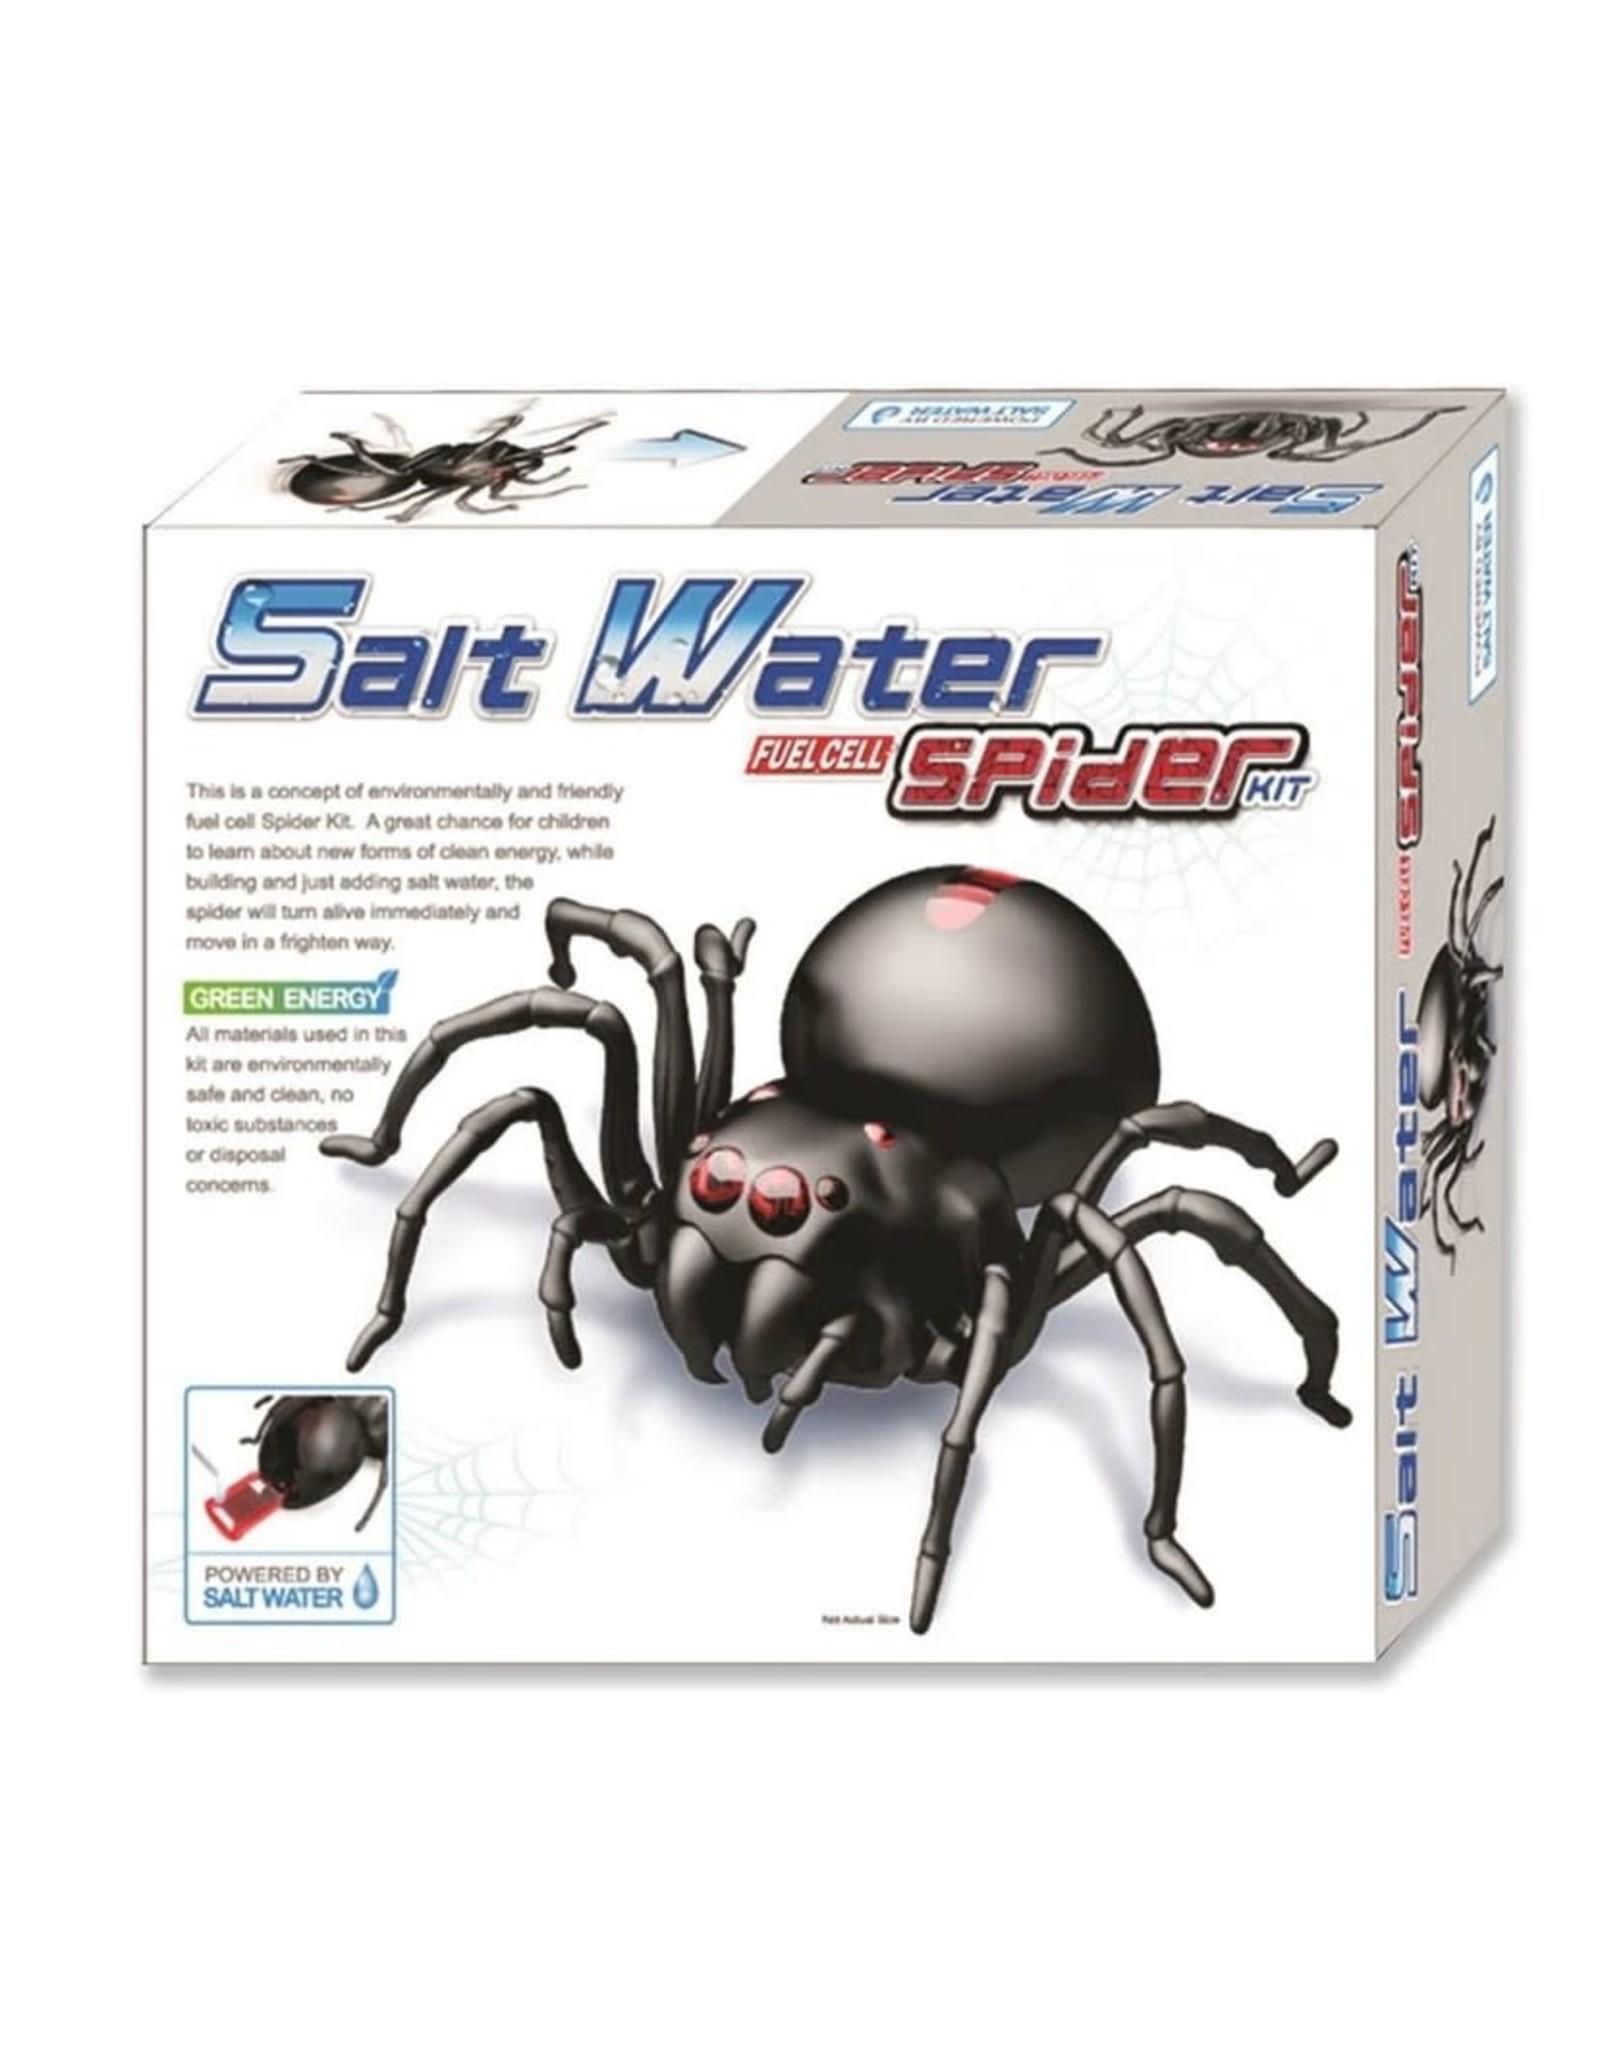 Salt Water Spider Kit